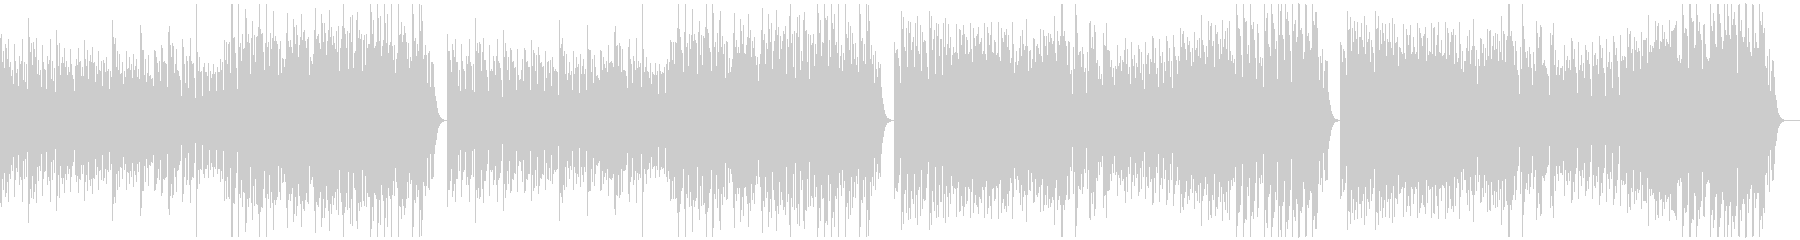 調理シーン向けのクラシック曲01の未再生の波形